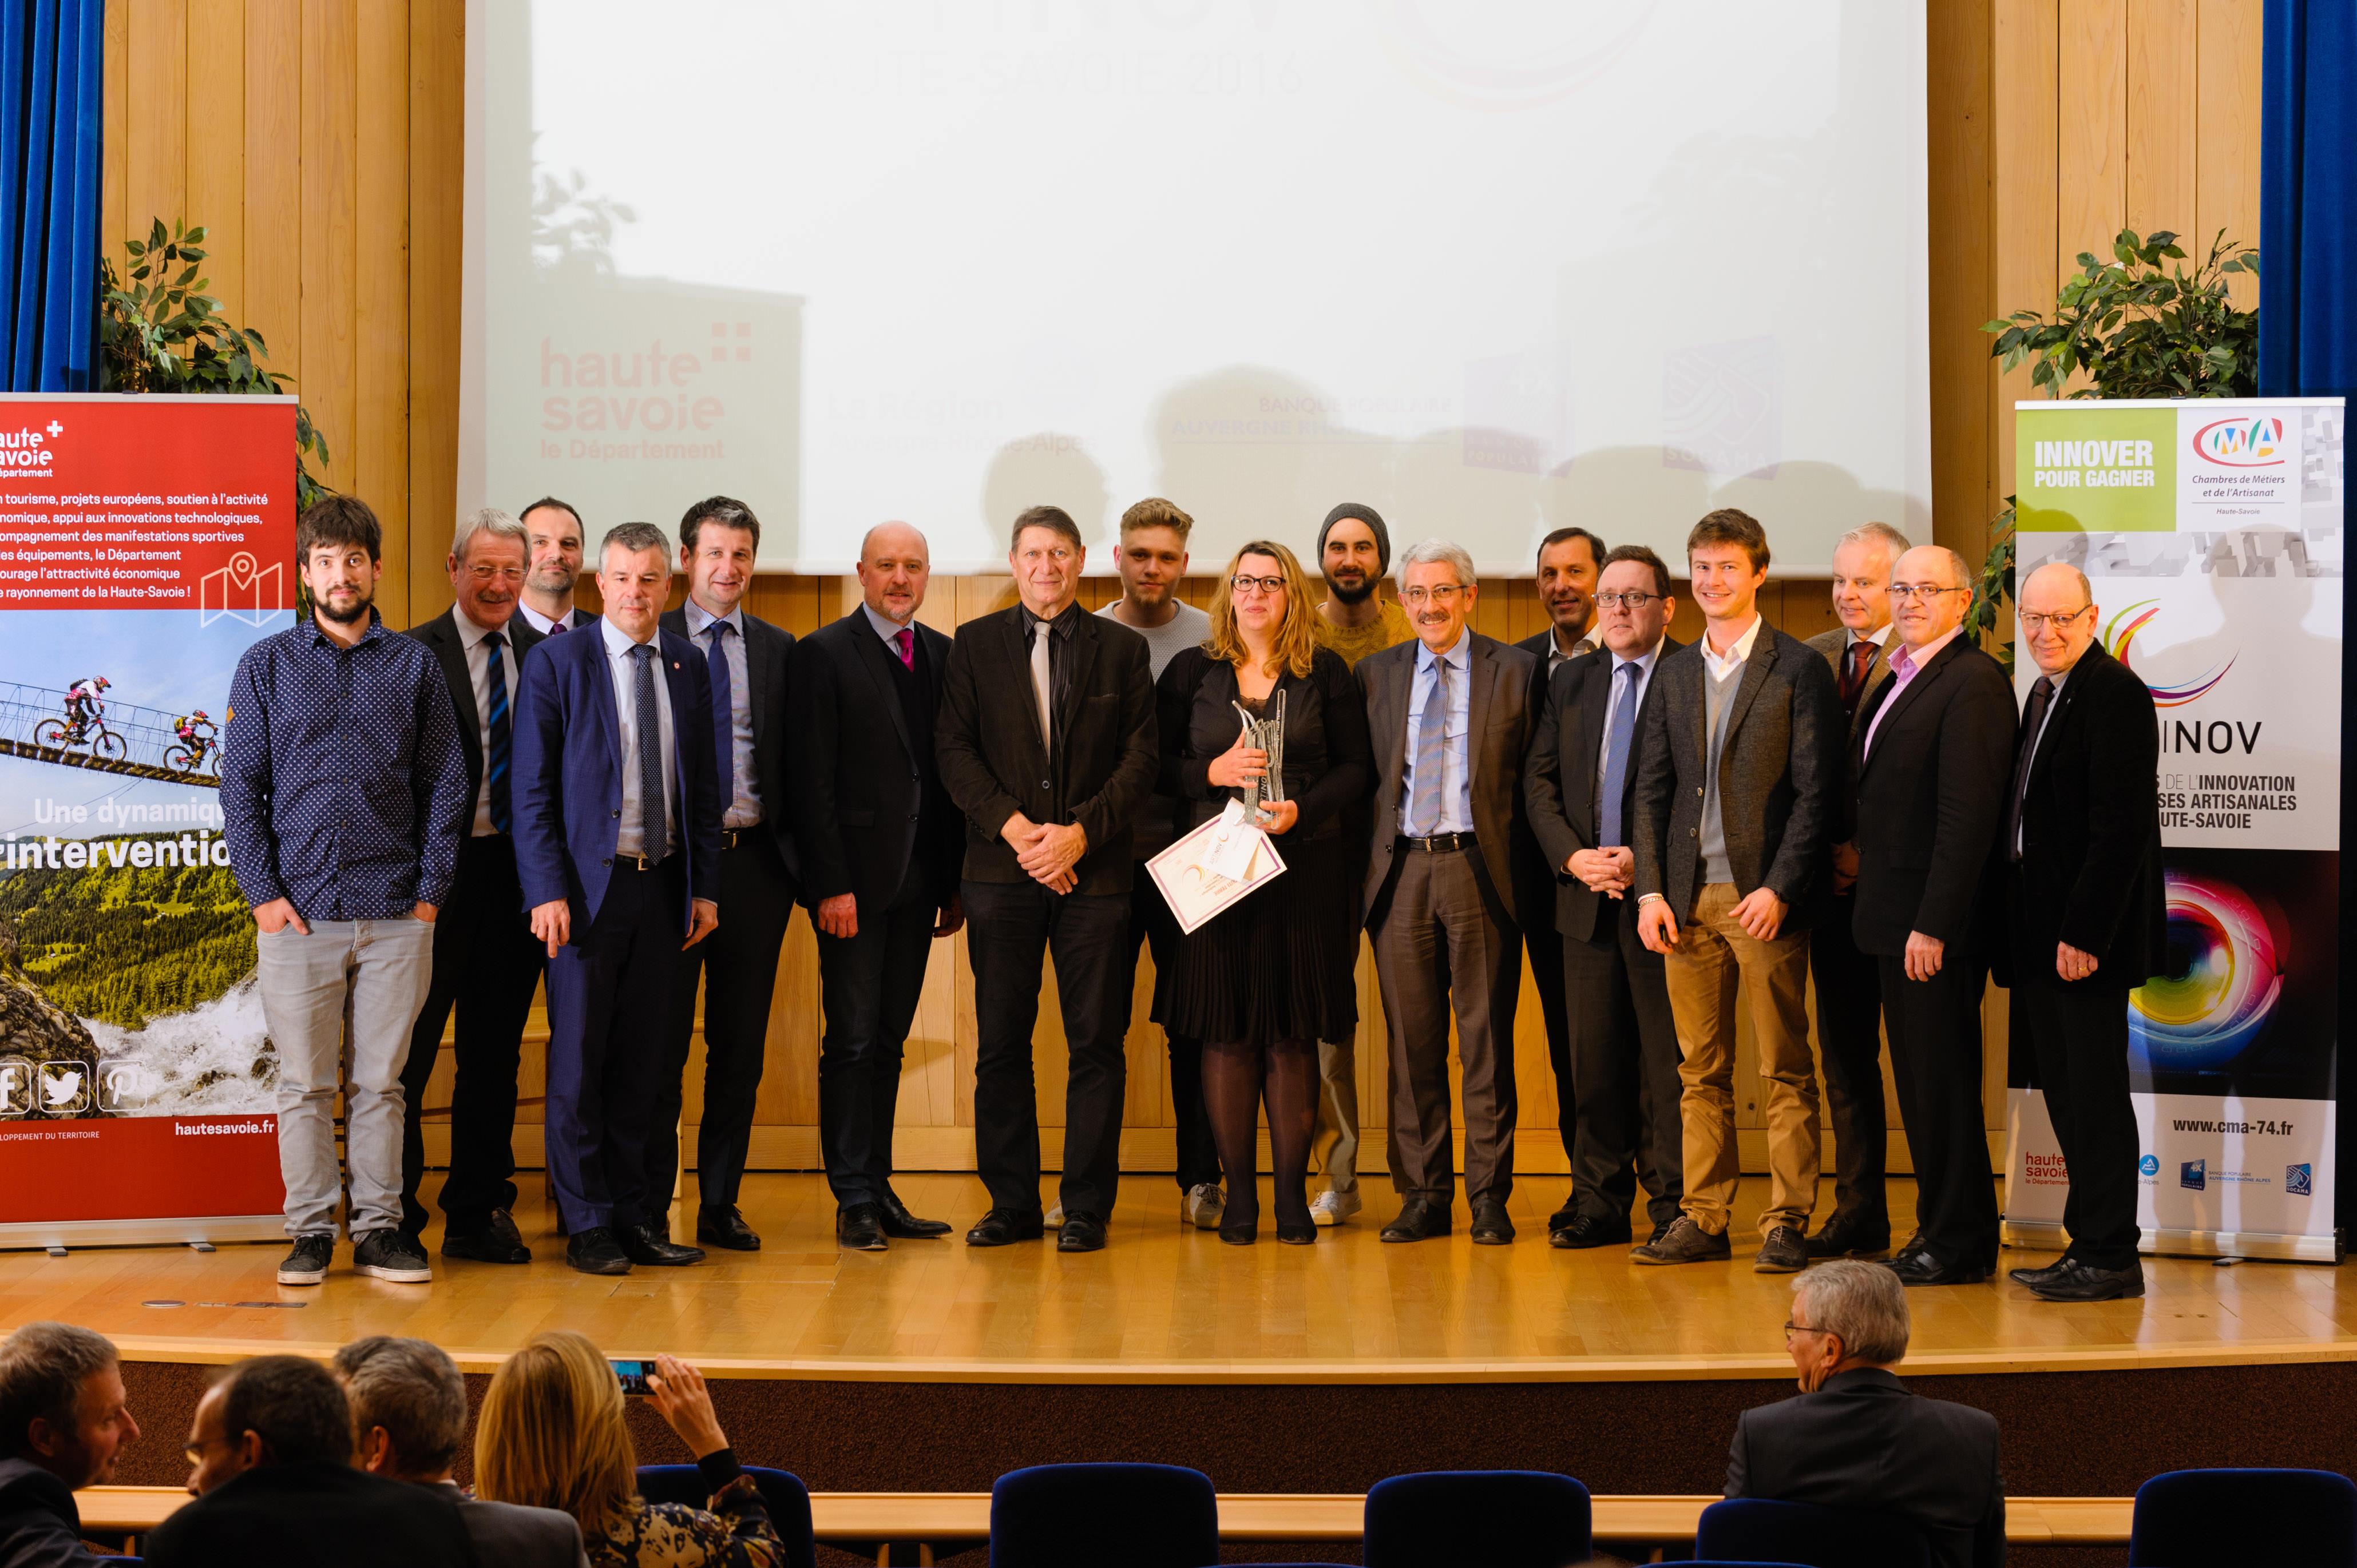 ARTINOV – Les lauréats 2016